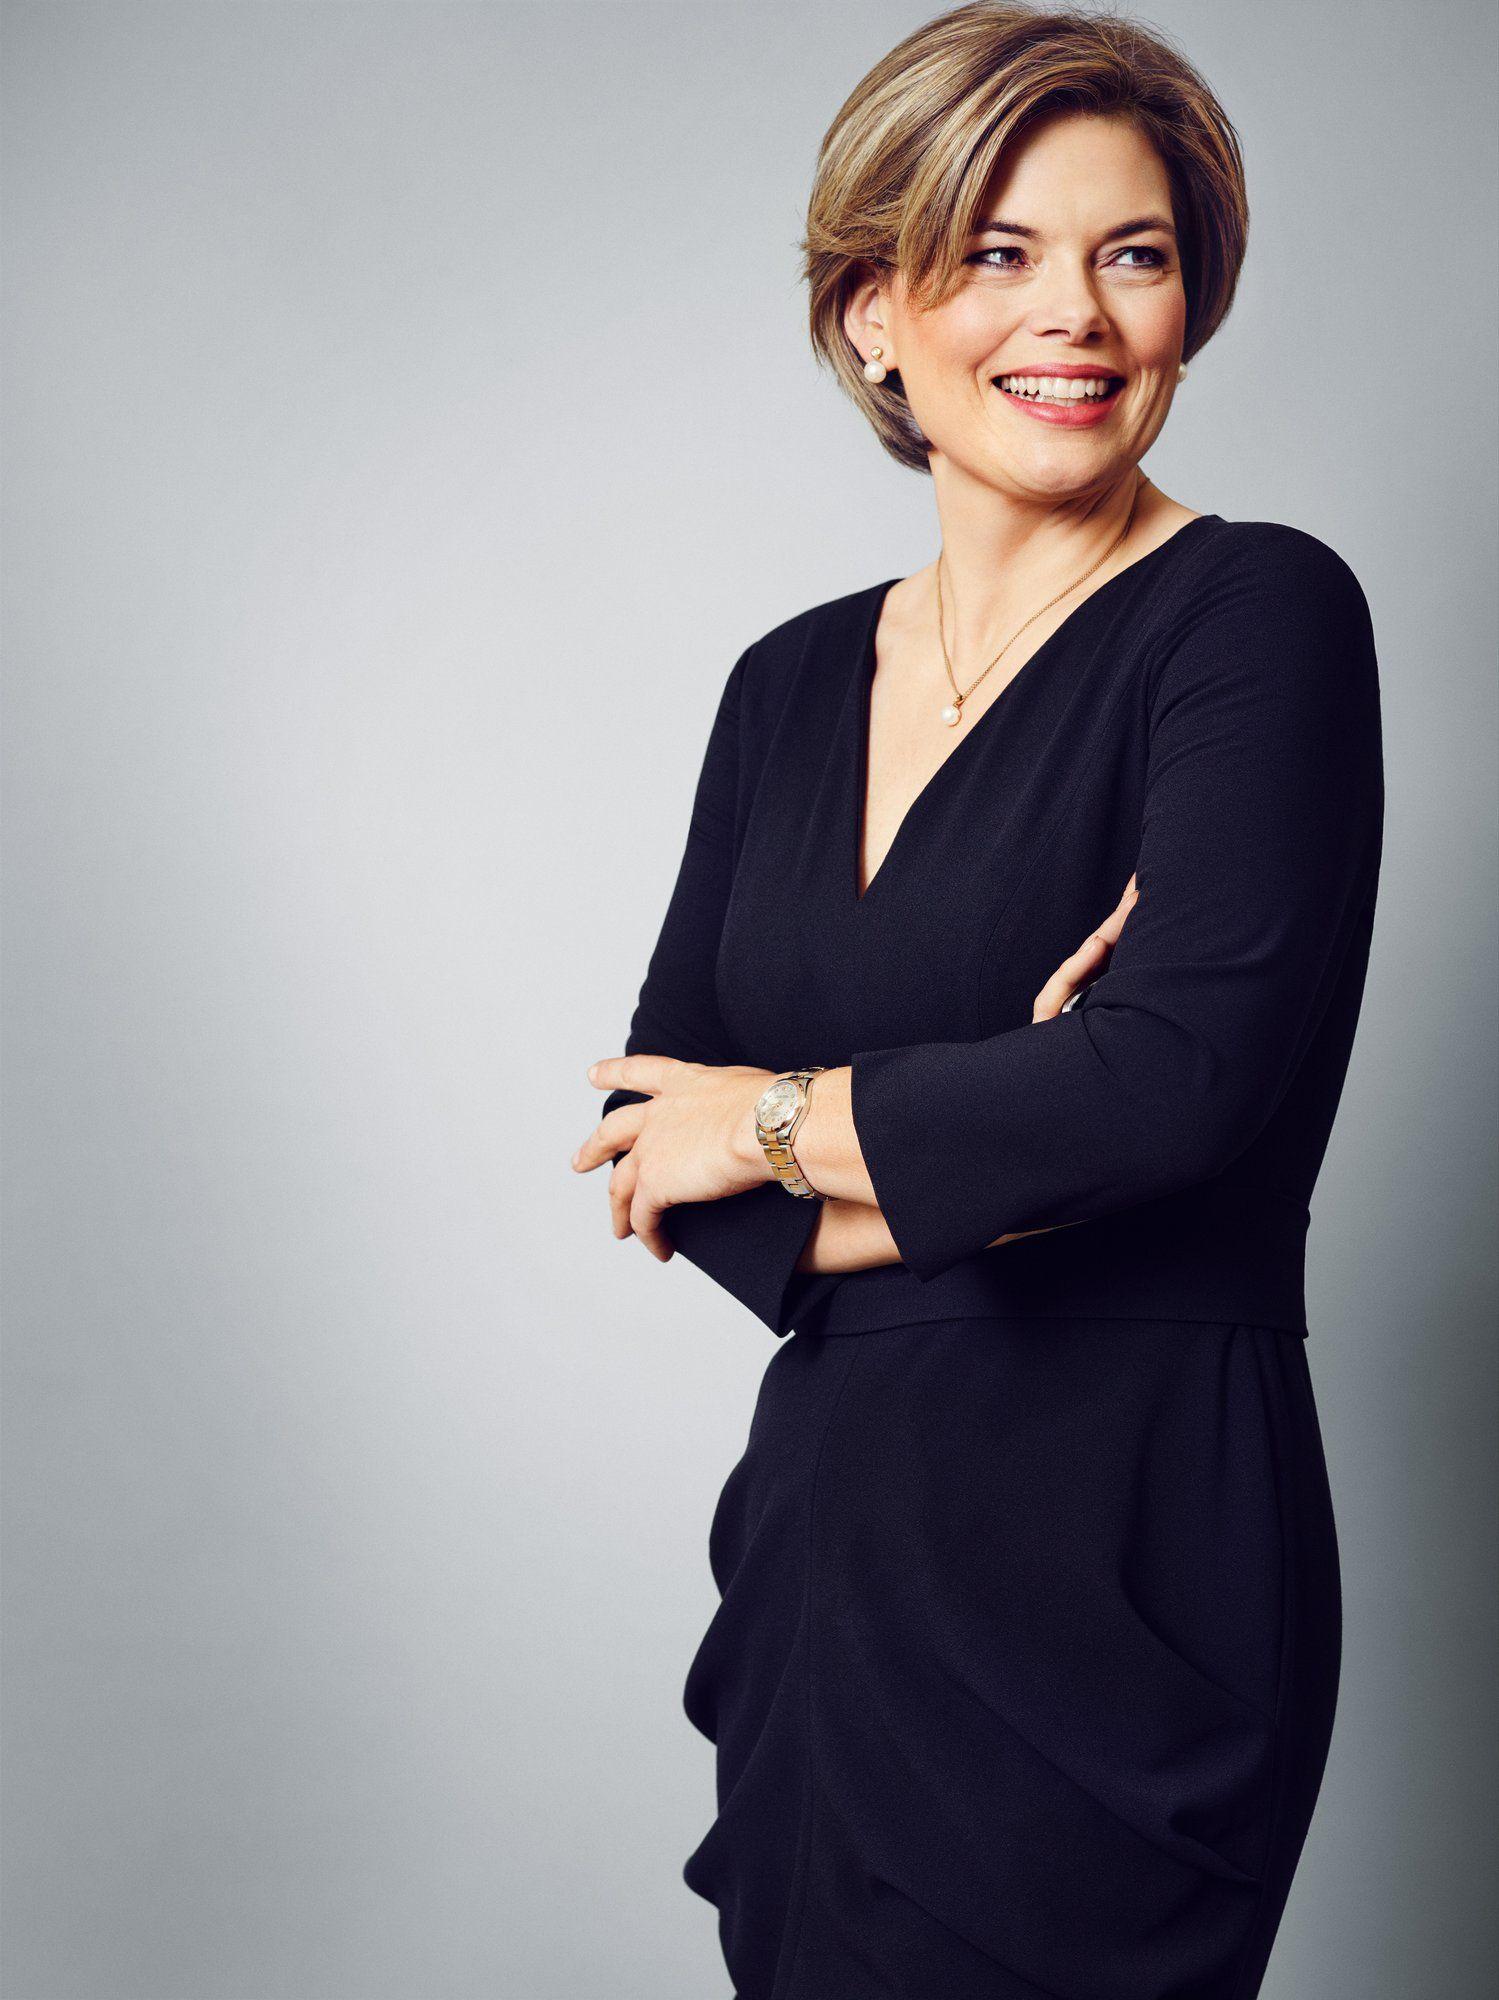 julia klckner german politician - Julia Klockner Lebenslauf